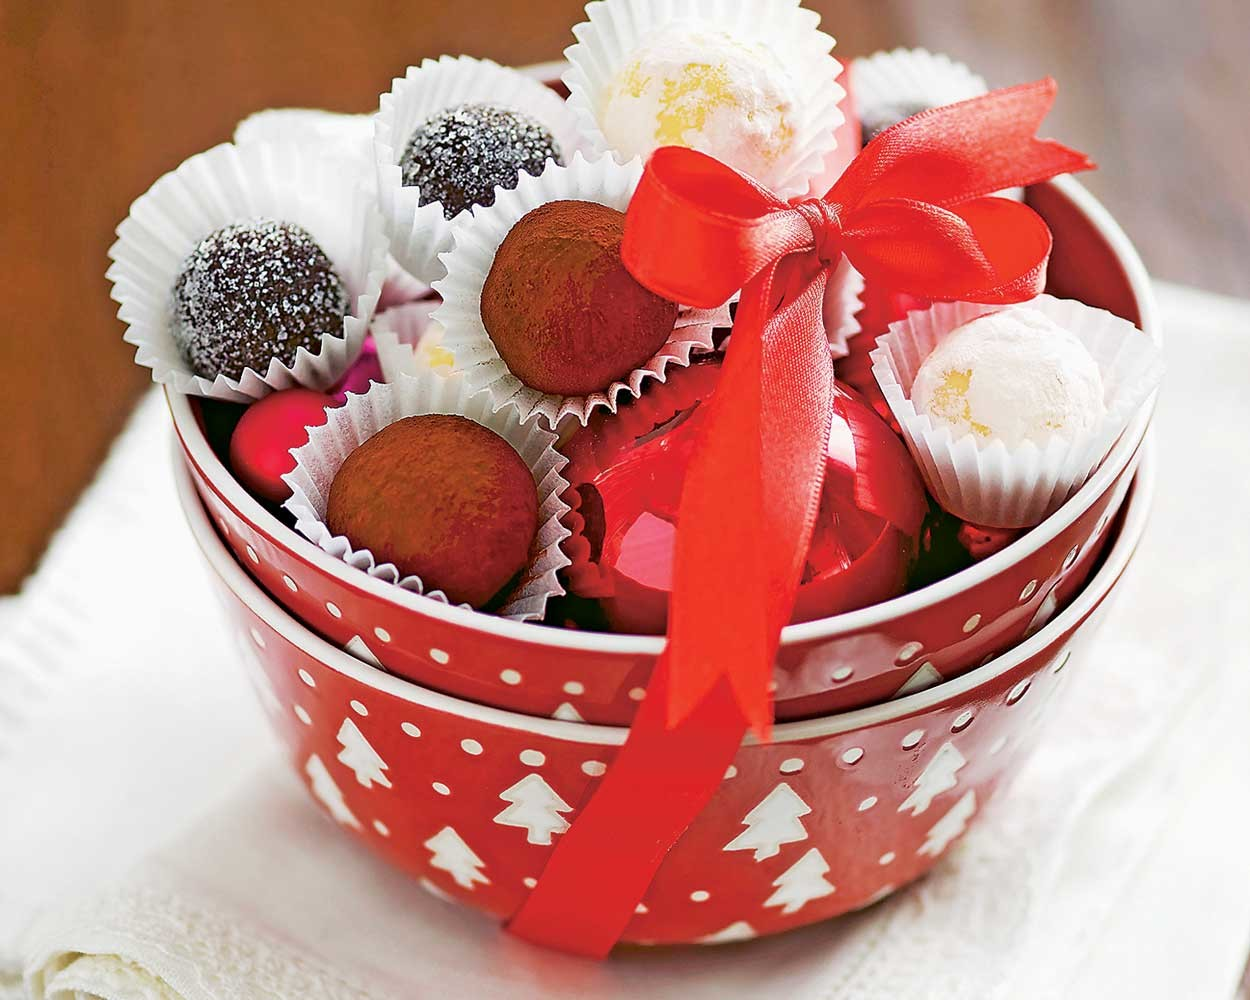 Шоколадные конфеты своими руками: мастер-класс по изготовлению